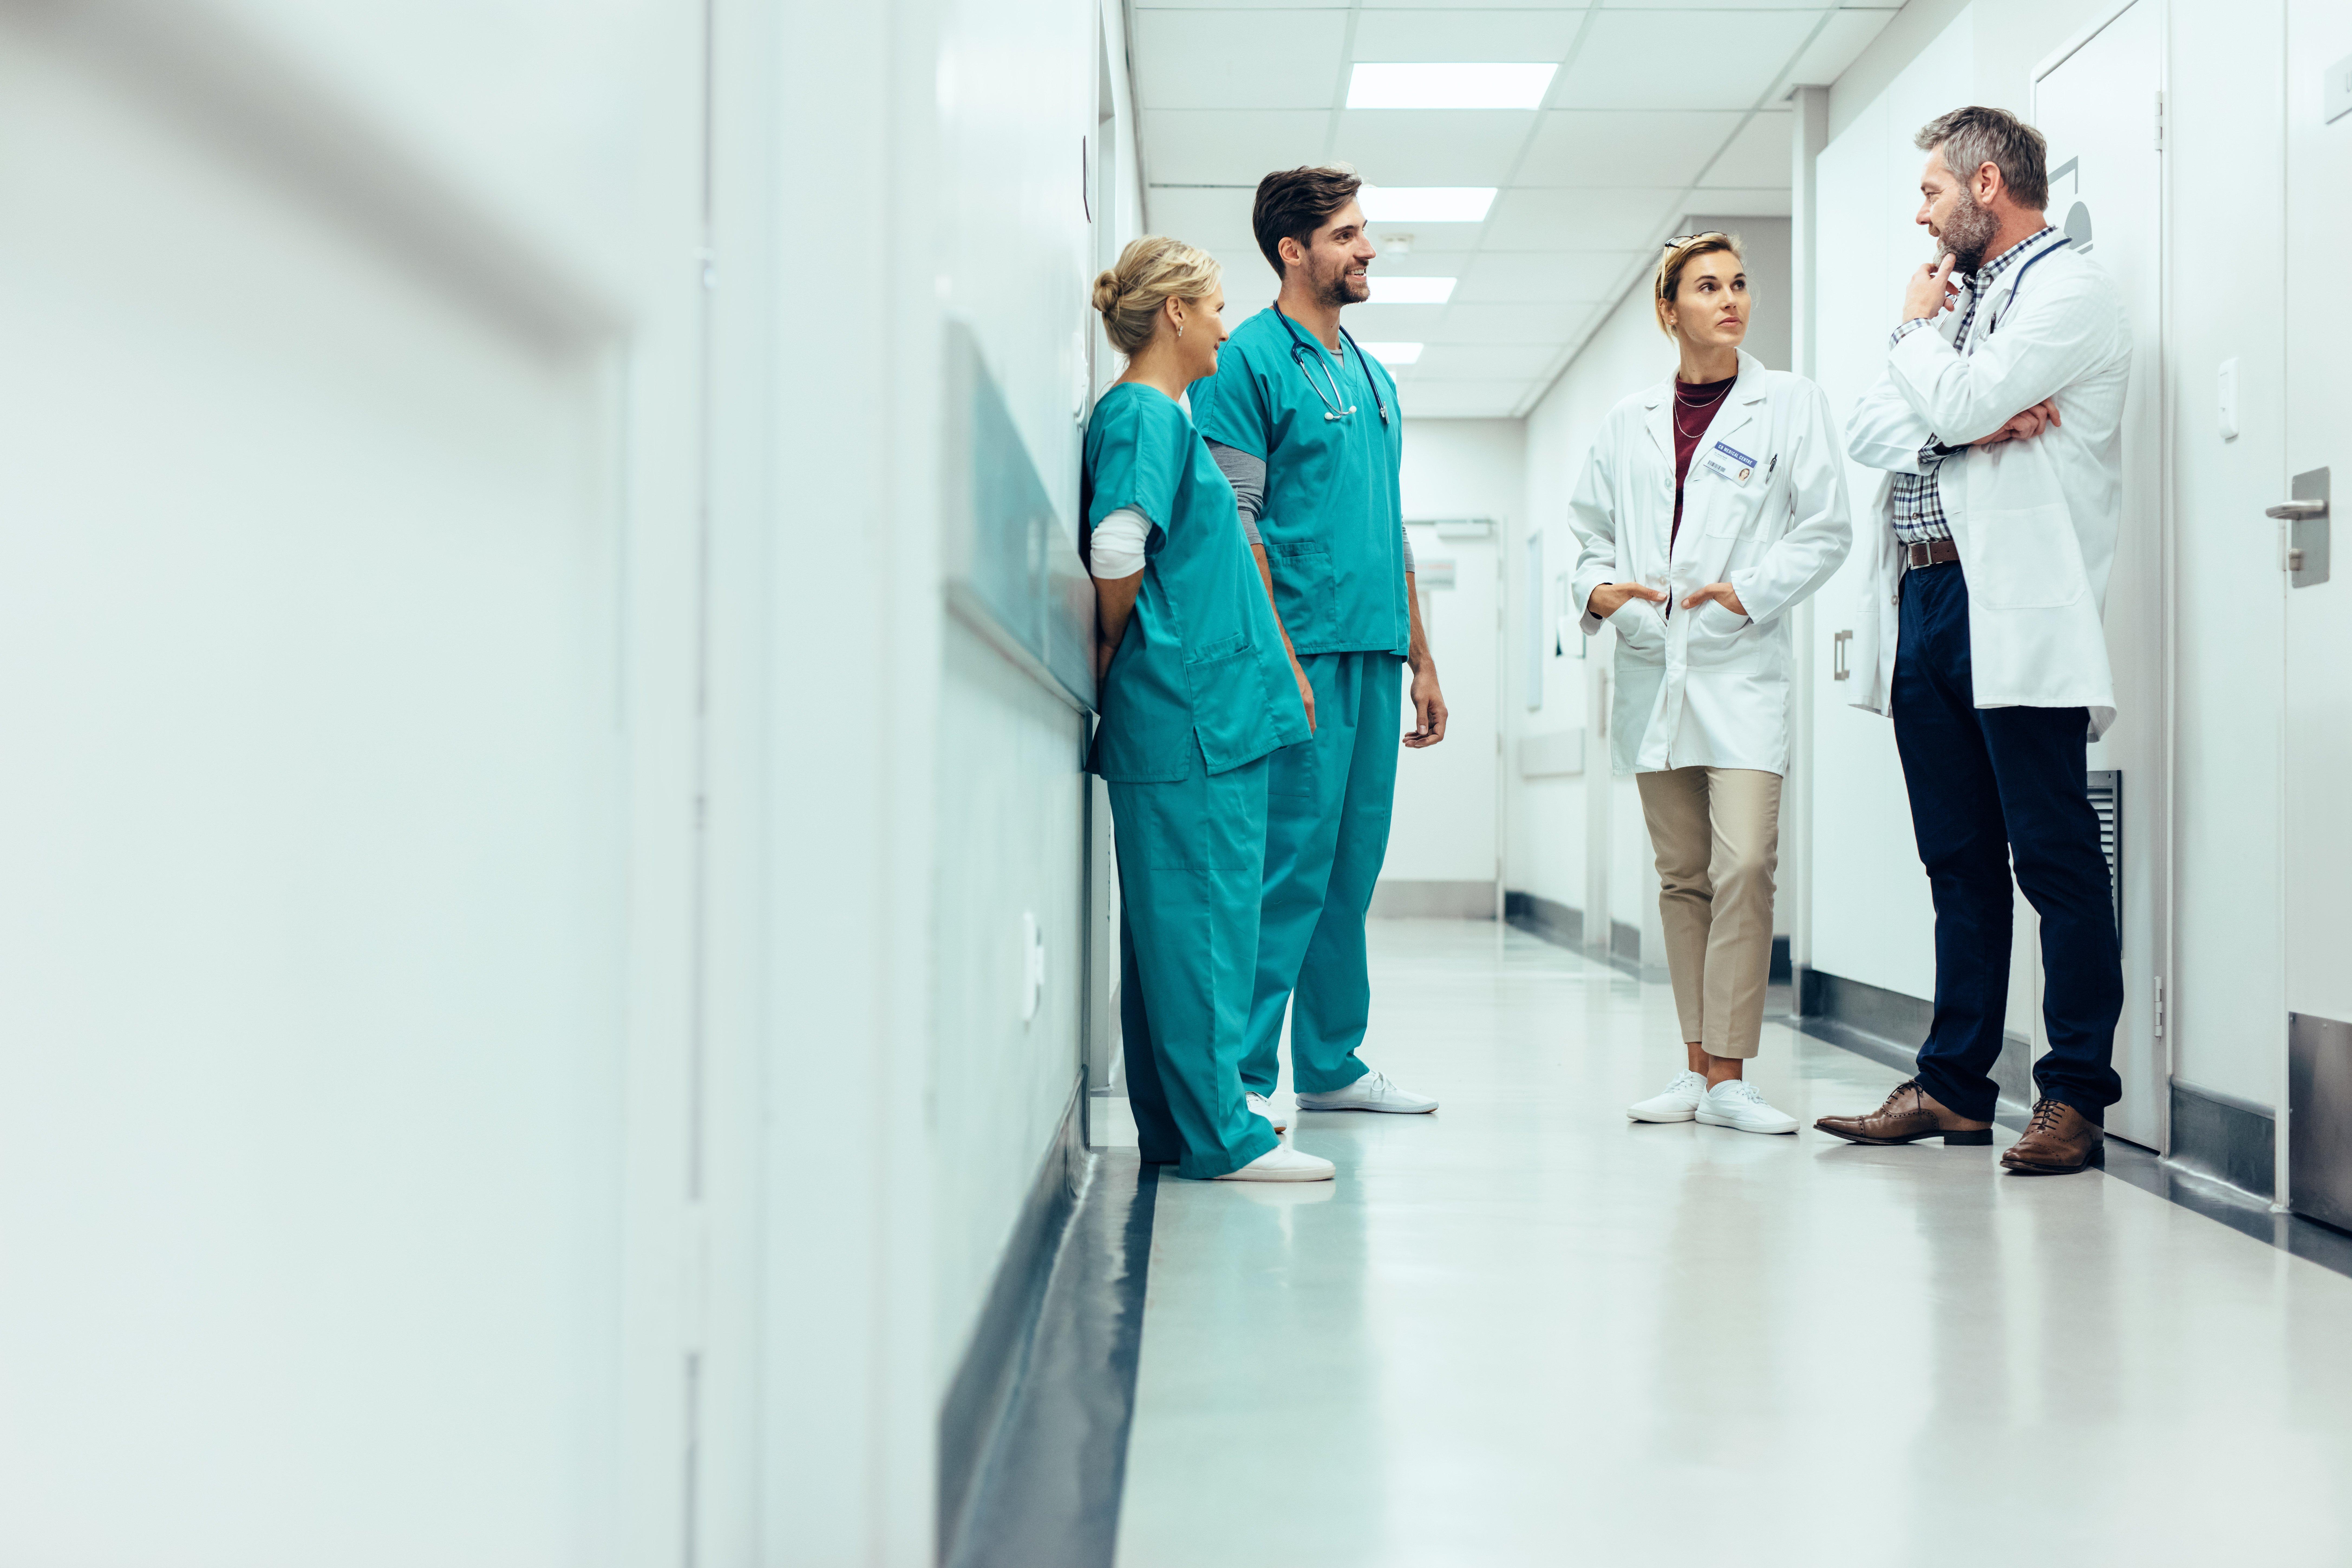 Médecins et infirmières à l'hôpital | Photo : Shutterstock